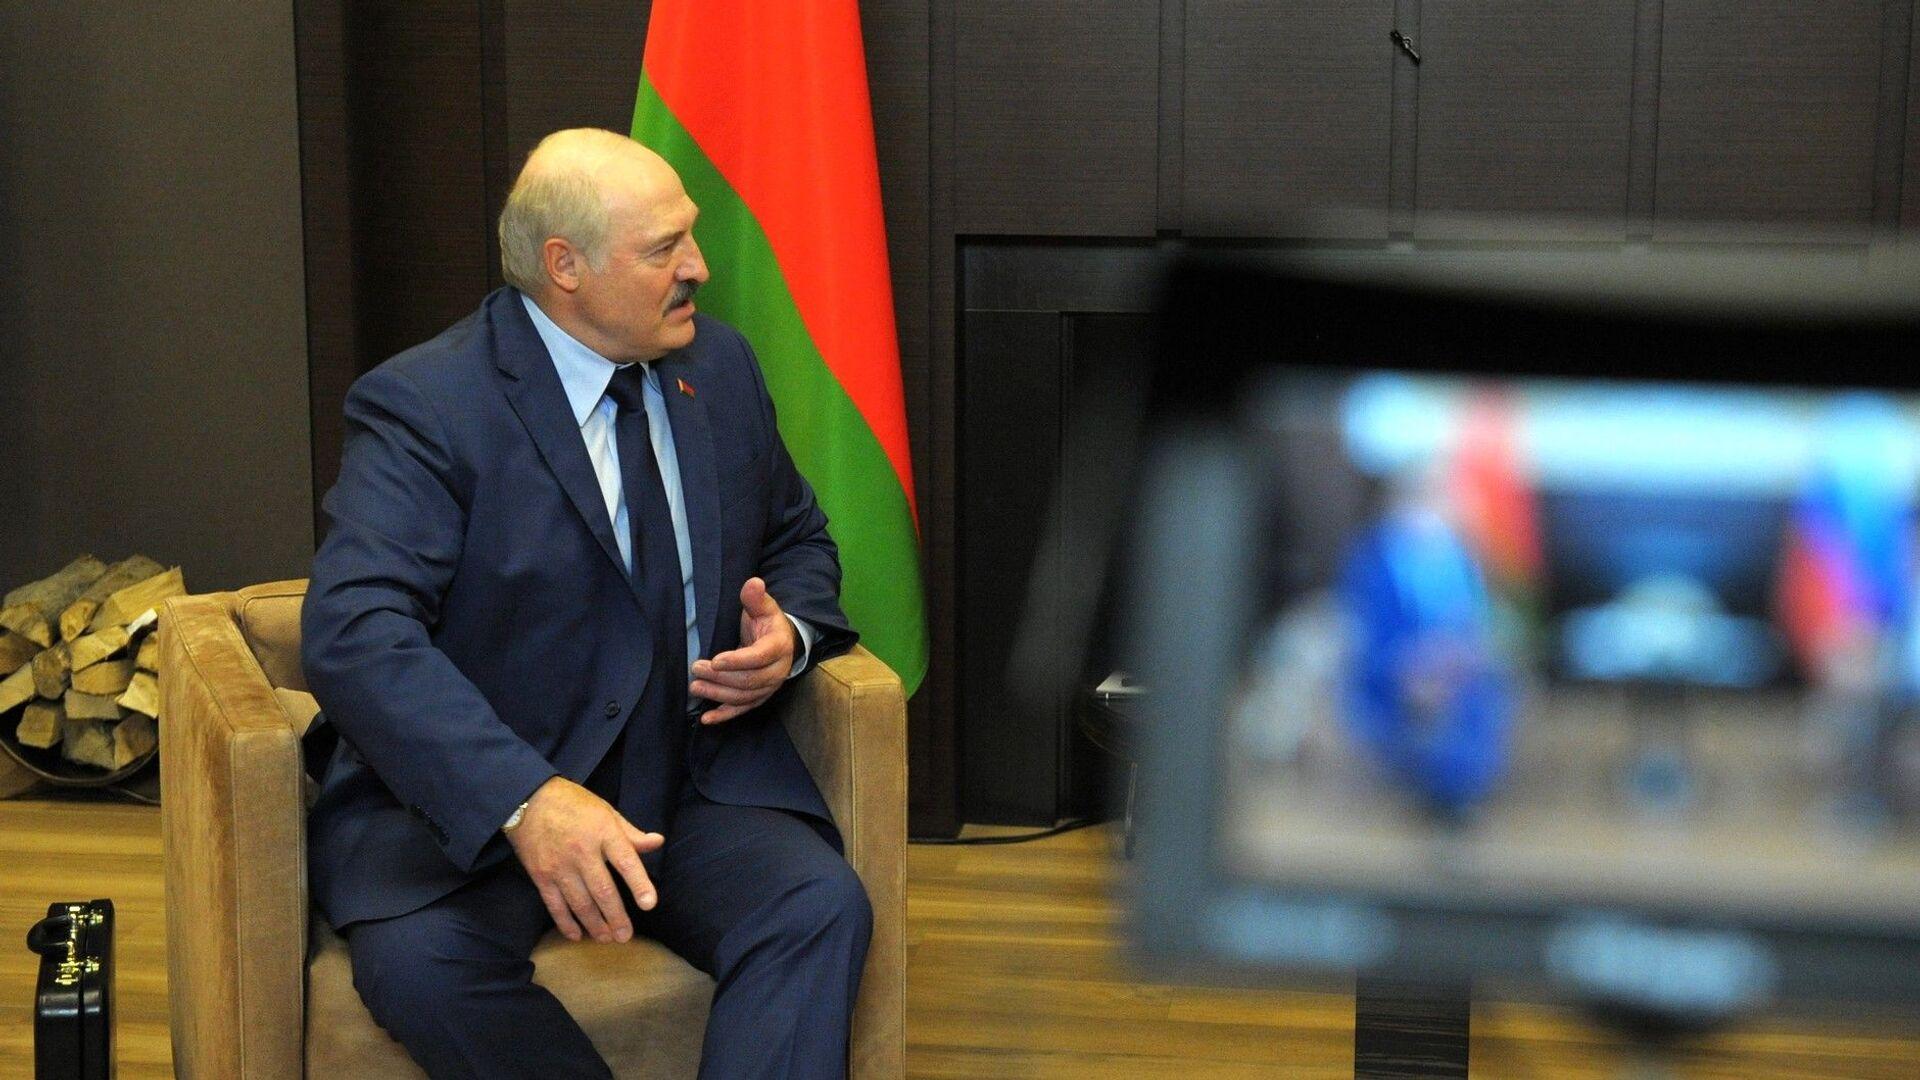 Prezydent Białorusi Alaksandr Łukaszenka podczas spotkania z prezydentem Rosji Władimirem Putinem - Sputnik Polska, 1920, 08.09.2021